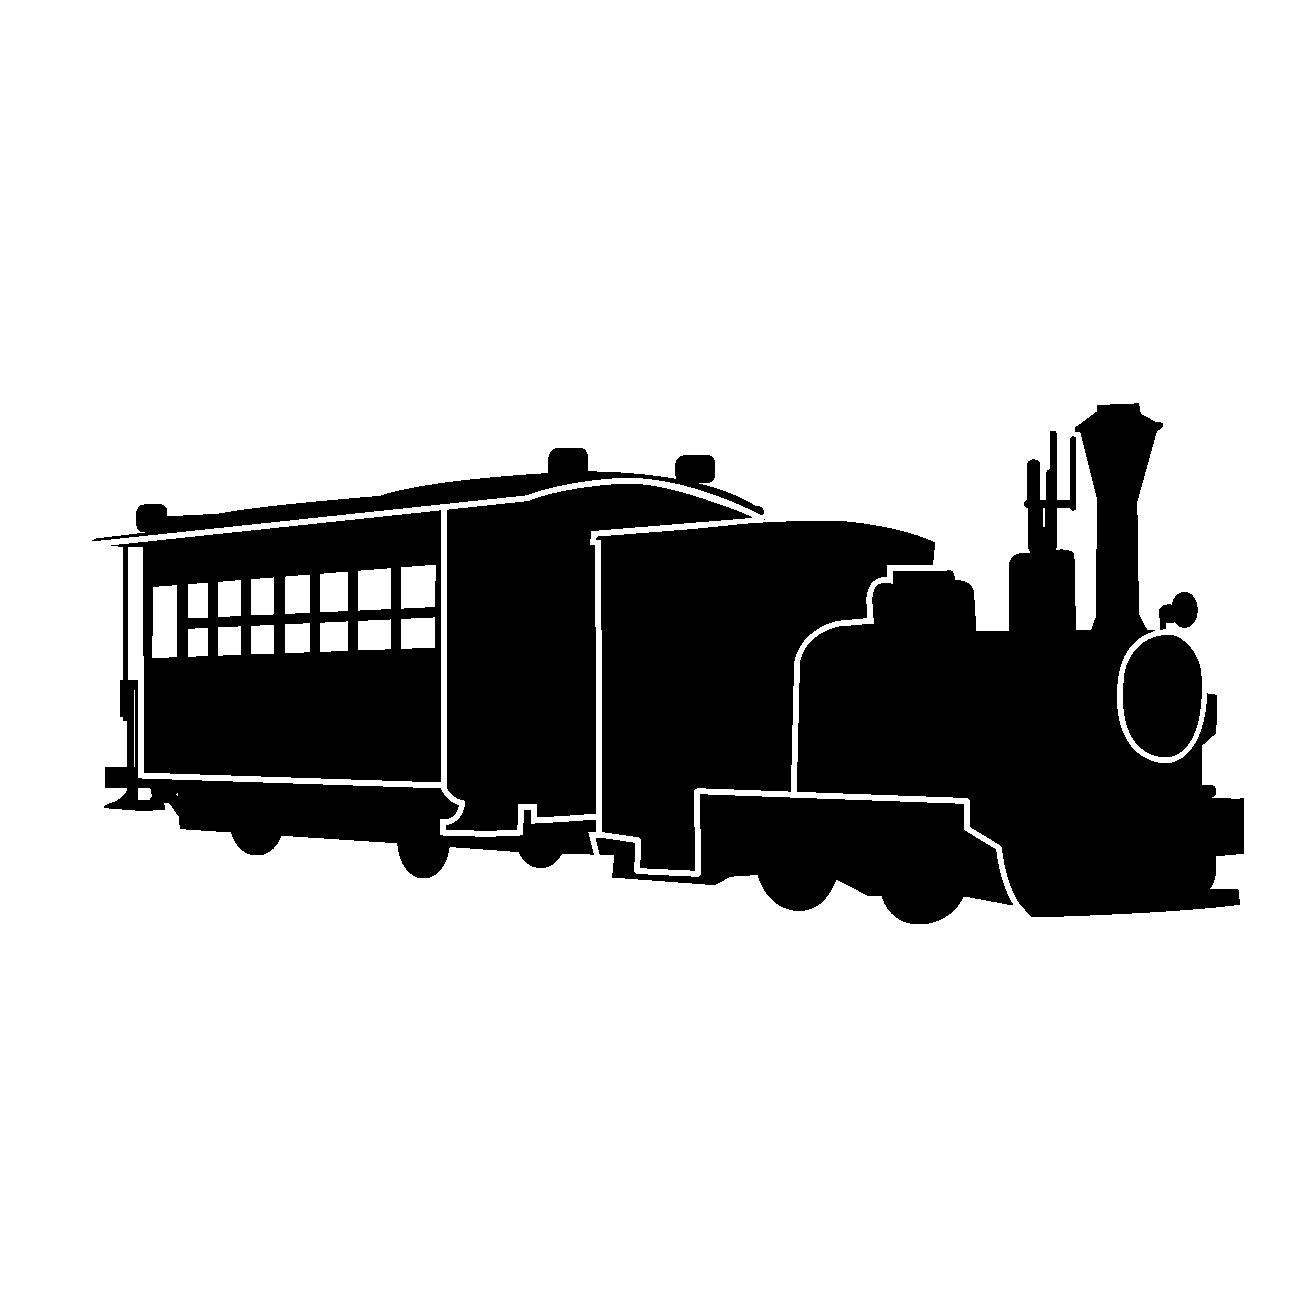 北野天満宮紅葉ライトアップin2016!!もみじ苑を一望できる舞台が見どころ!!